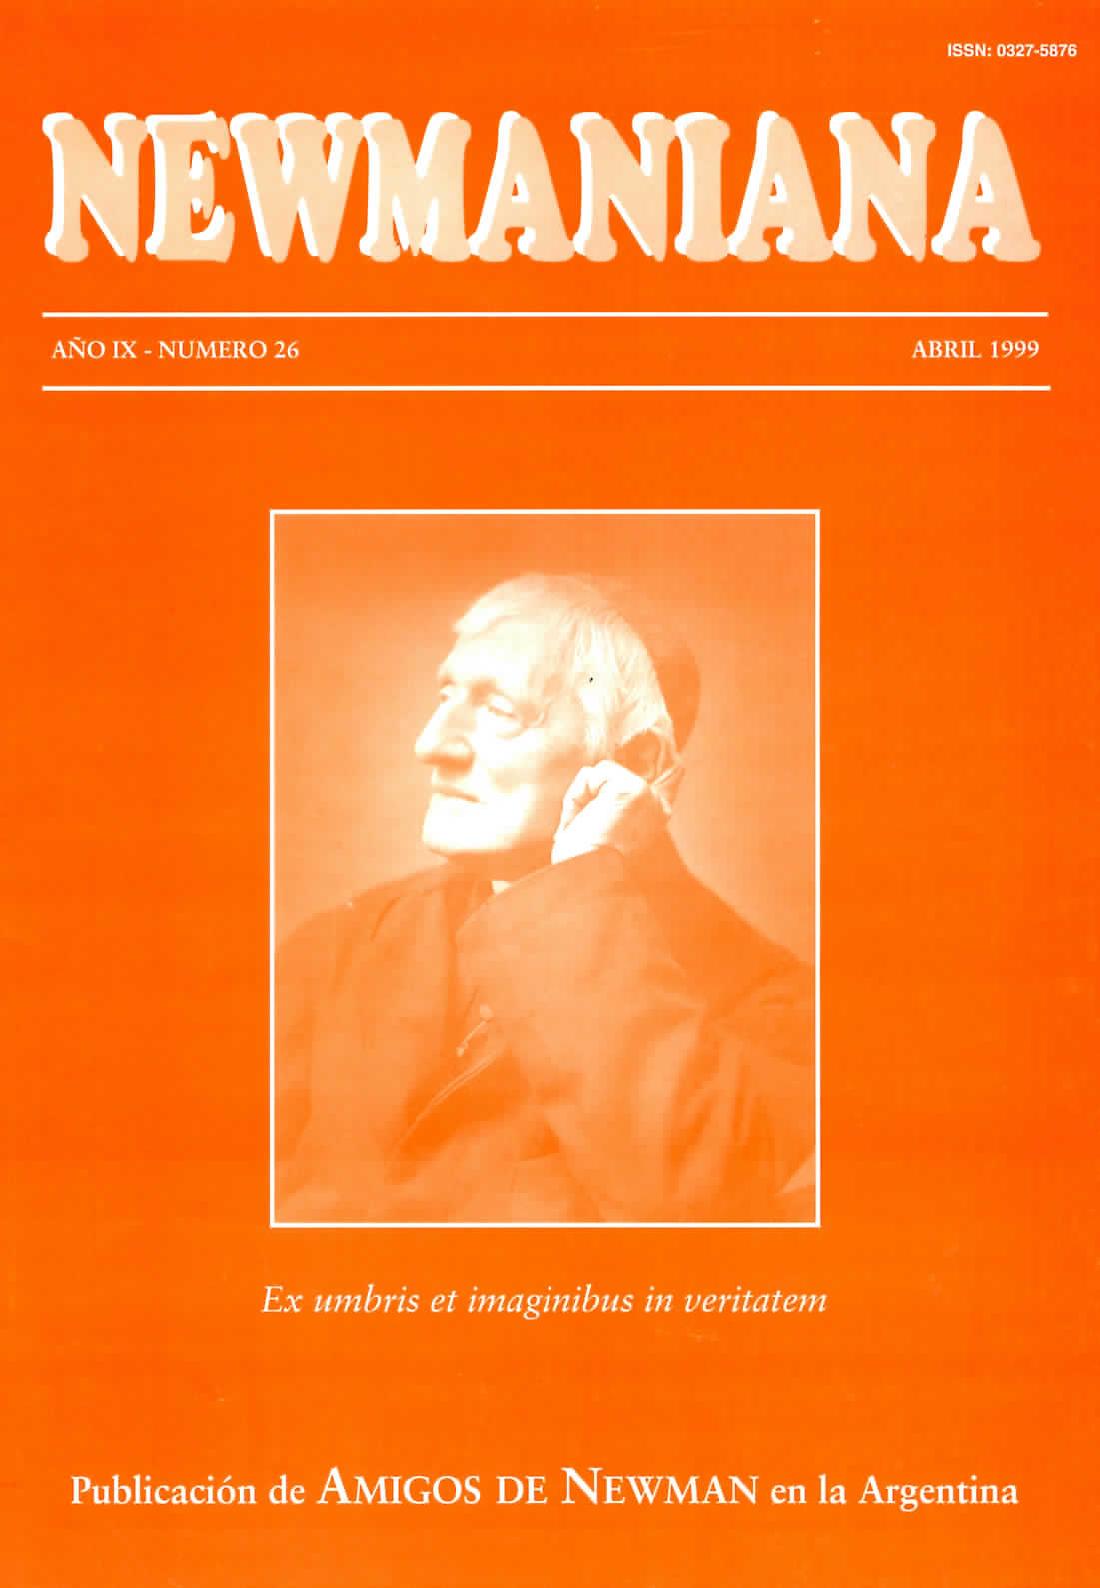 Revista Newmaniana N°26 – Abril 1999